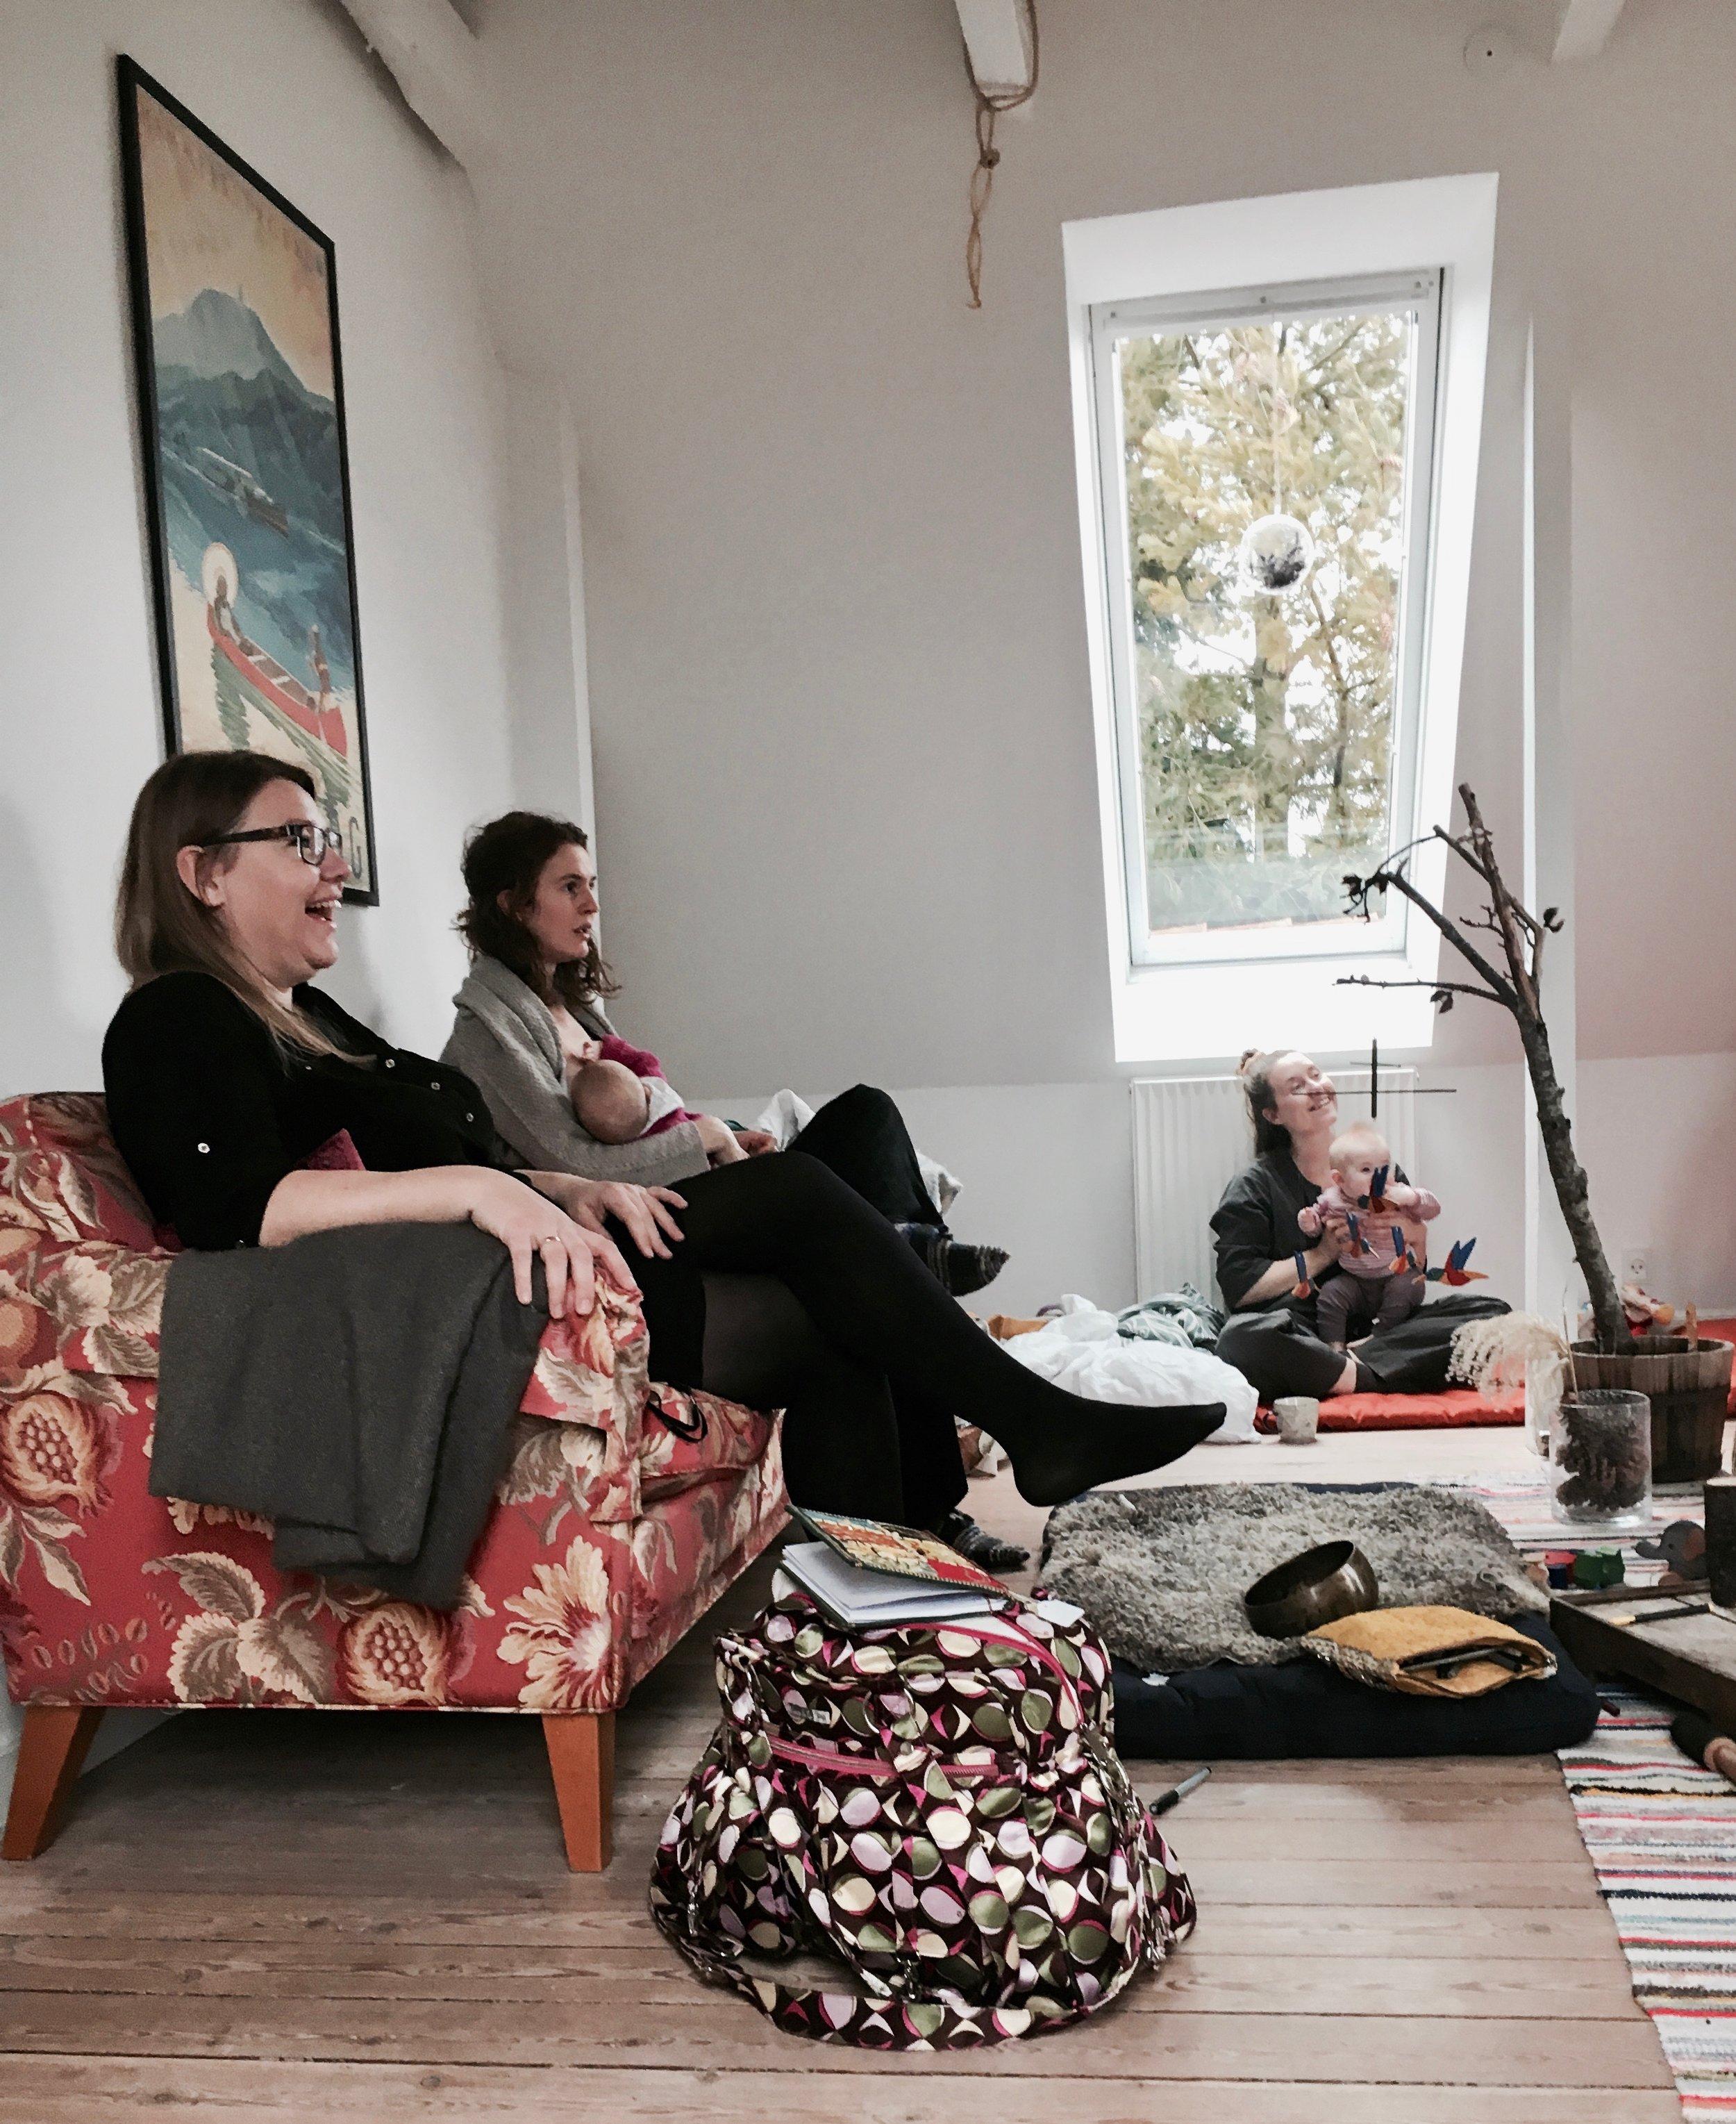 Tre mødre fra mødregruppen der lytter intenst til en fjerde mors fødselshistorie. Disse historier bringer altid noget forskelligt op i hver kvinde.